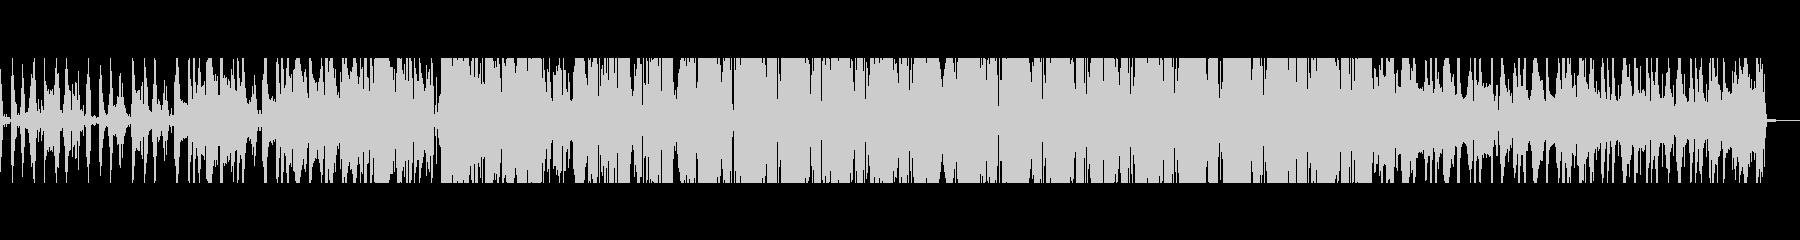 不穏なニュース用電子音楽の未再生の波形